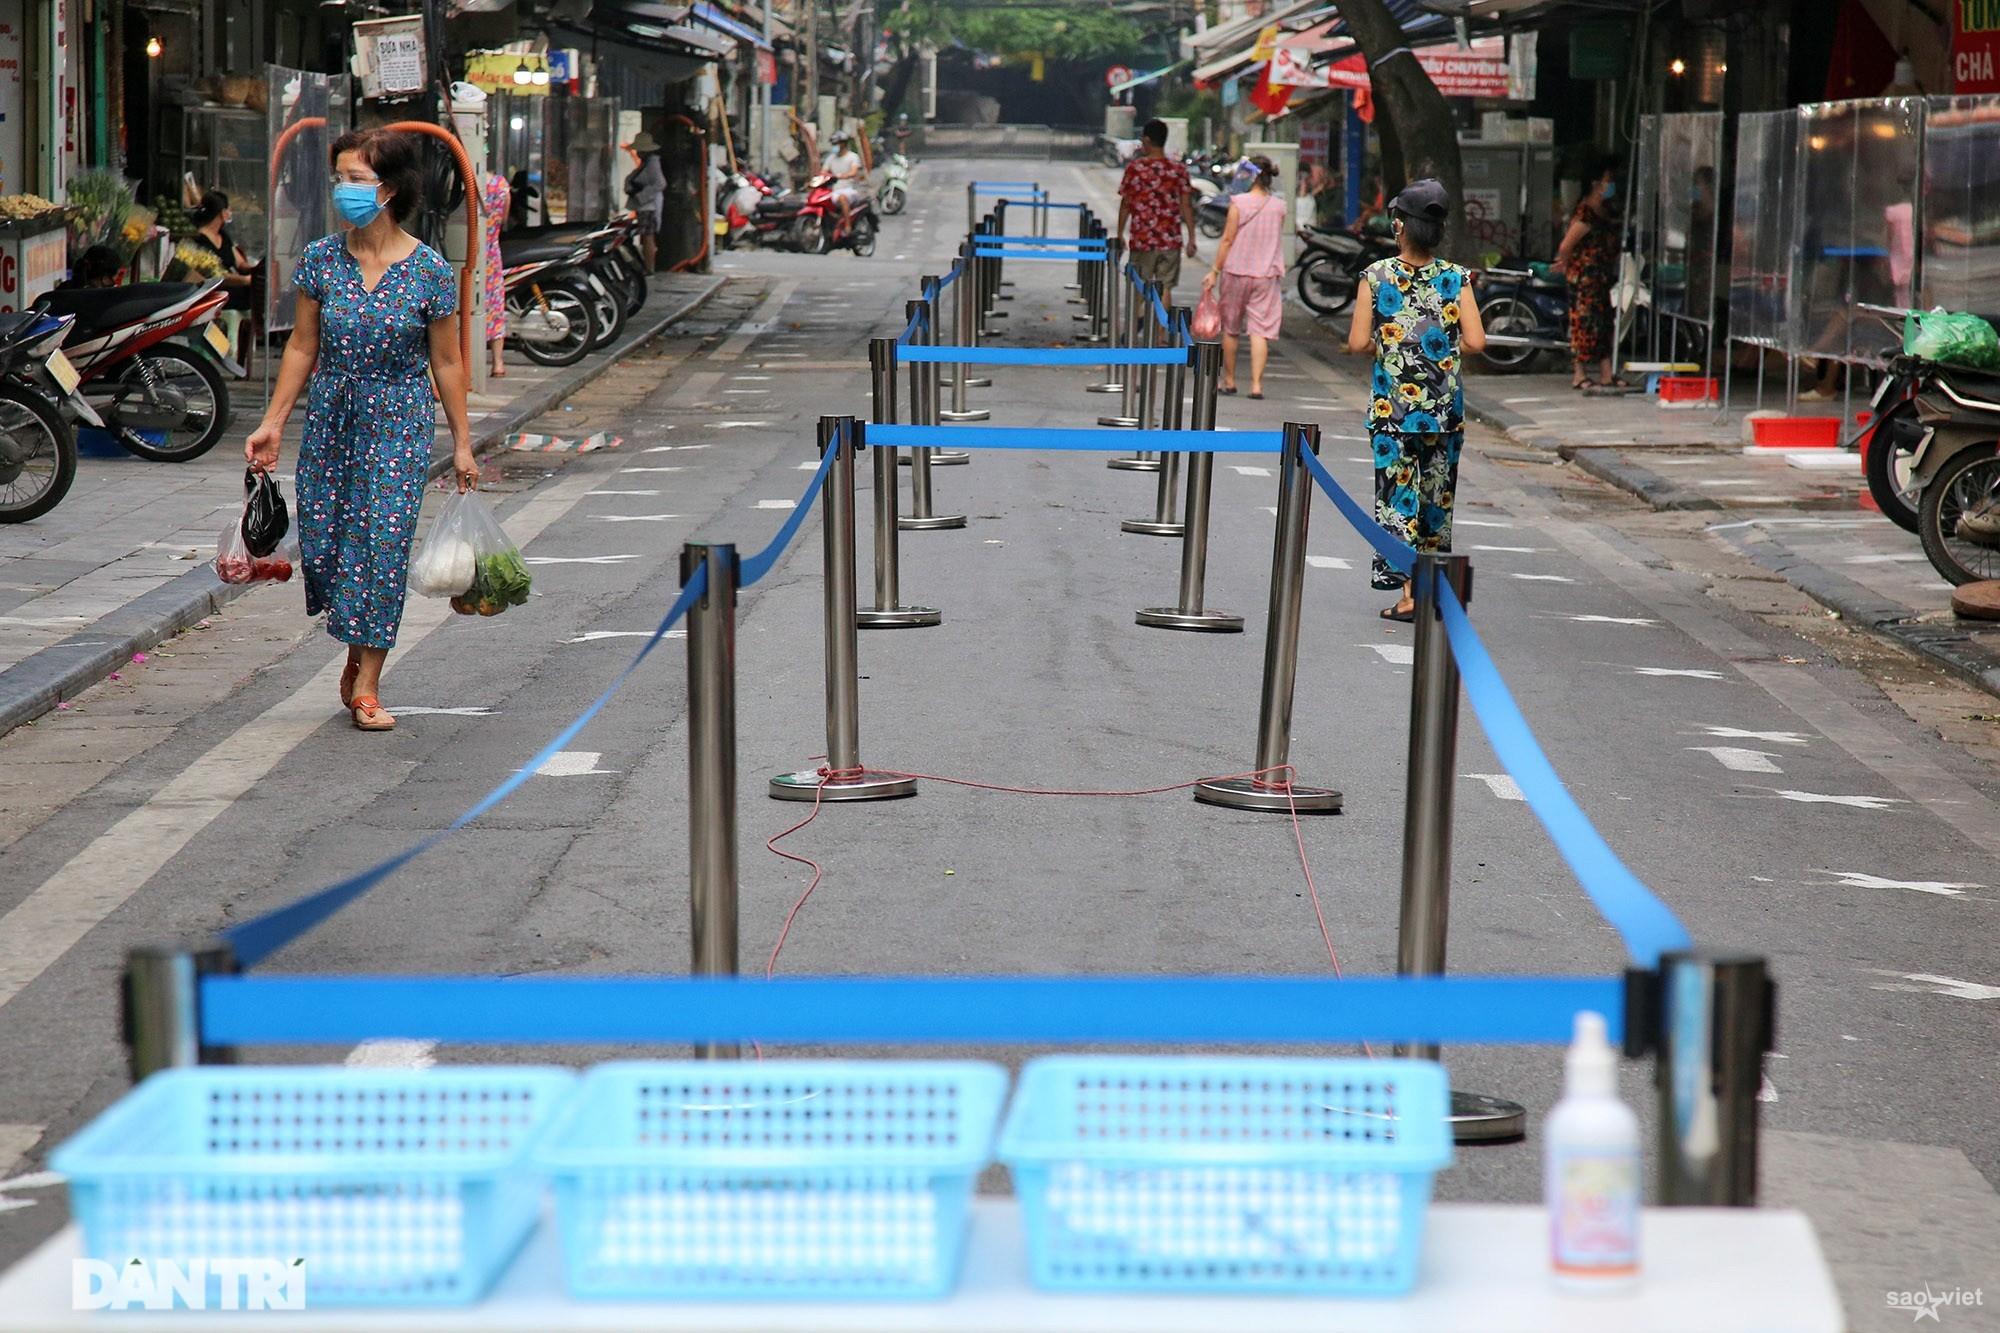 Mới lạ cảnh mua bán bằng ám hiệu ngón tay ở chợ nhà giàu phố cổ Hà Nội - 1